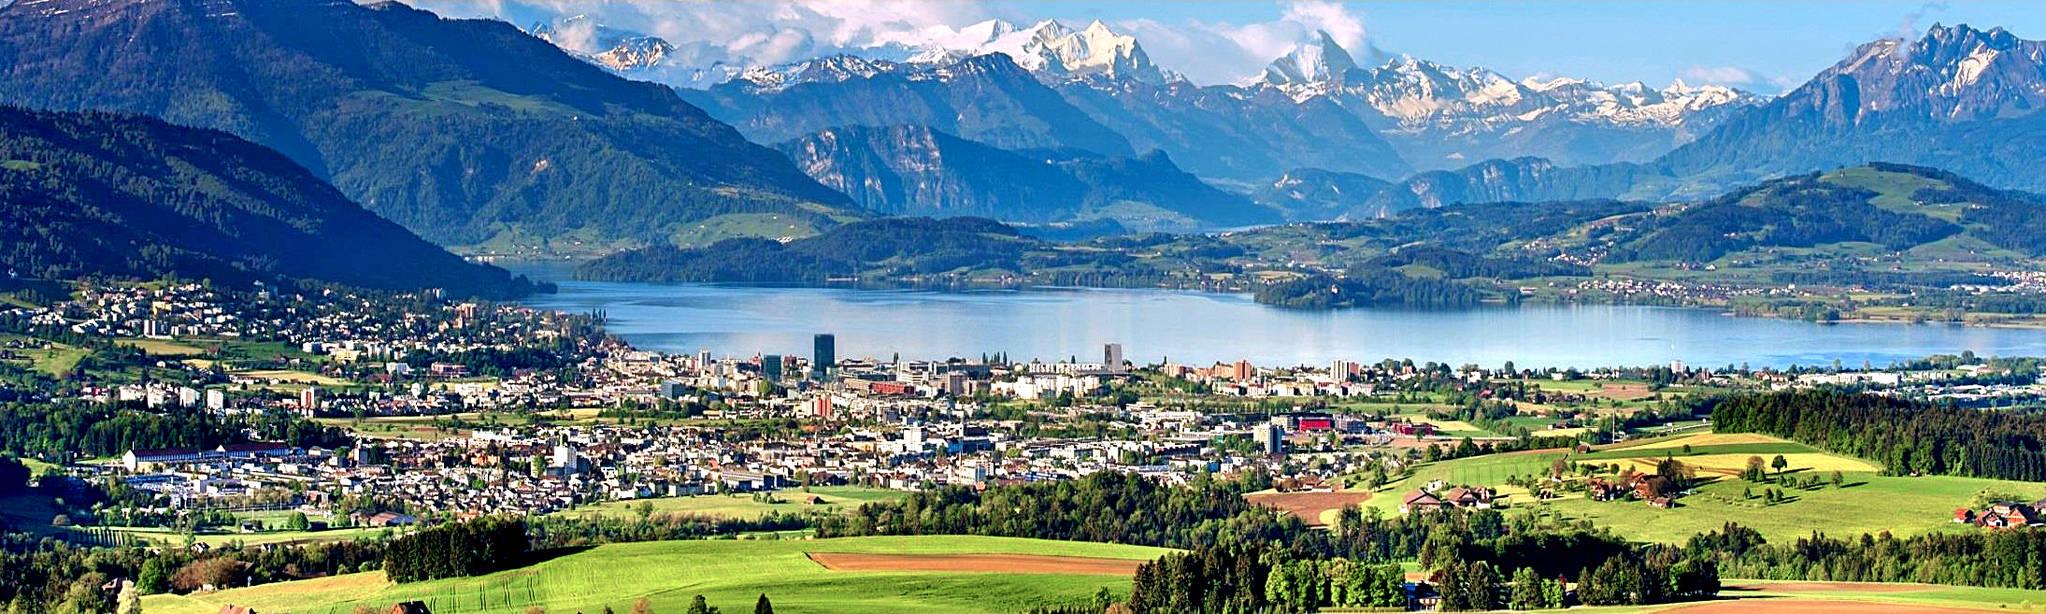 고적한 호수와 하얀 알프스로 둘러싸인 추크(Zug). 관광지처럼 보이지만 스위스 최대의 기업도시 중 하나다. 낮은 법인세와 글로벌 인프라를 앞세워 지멘스·로슈 등 수많은 글로벌 기업을 유치했고, 스타트업 창업도 활발해 도시 전체에 생동감이 넘친다. [사진 추크 칸톤]